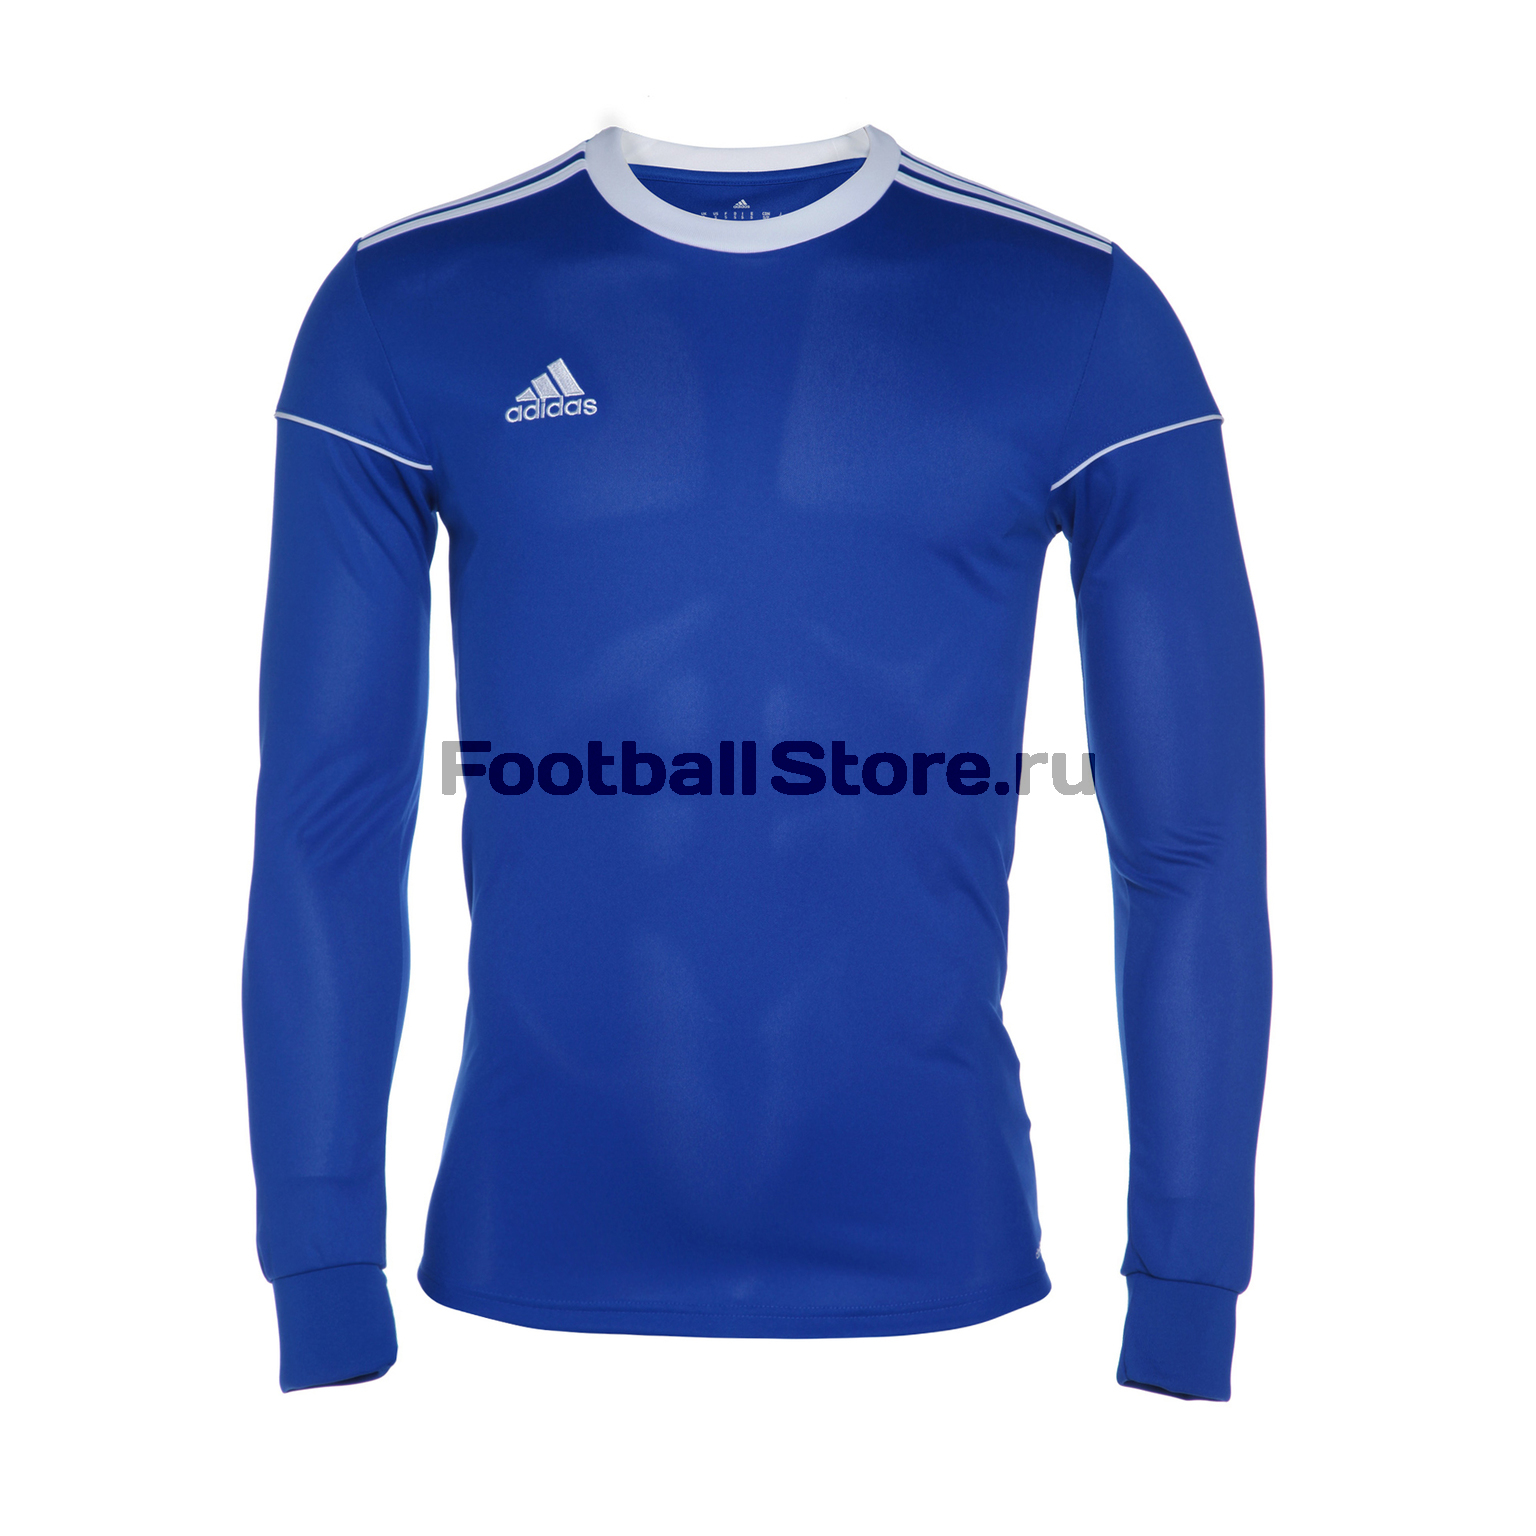 Футболки Adidas Футболка игровая Adidas Squad 17 S99150